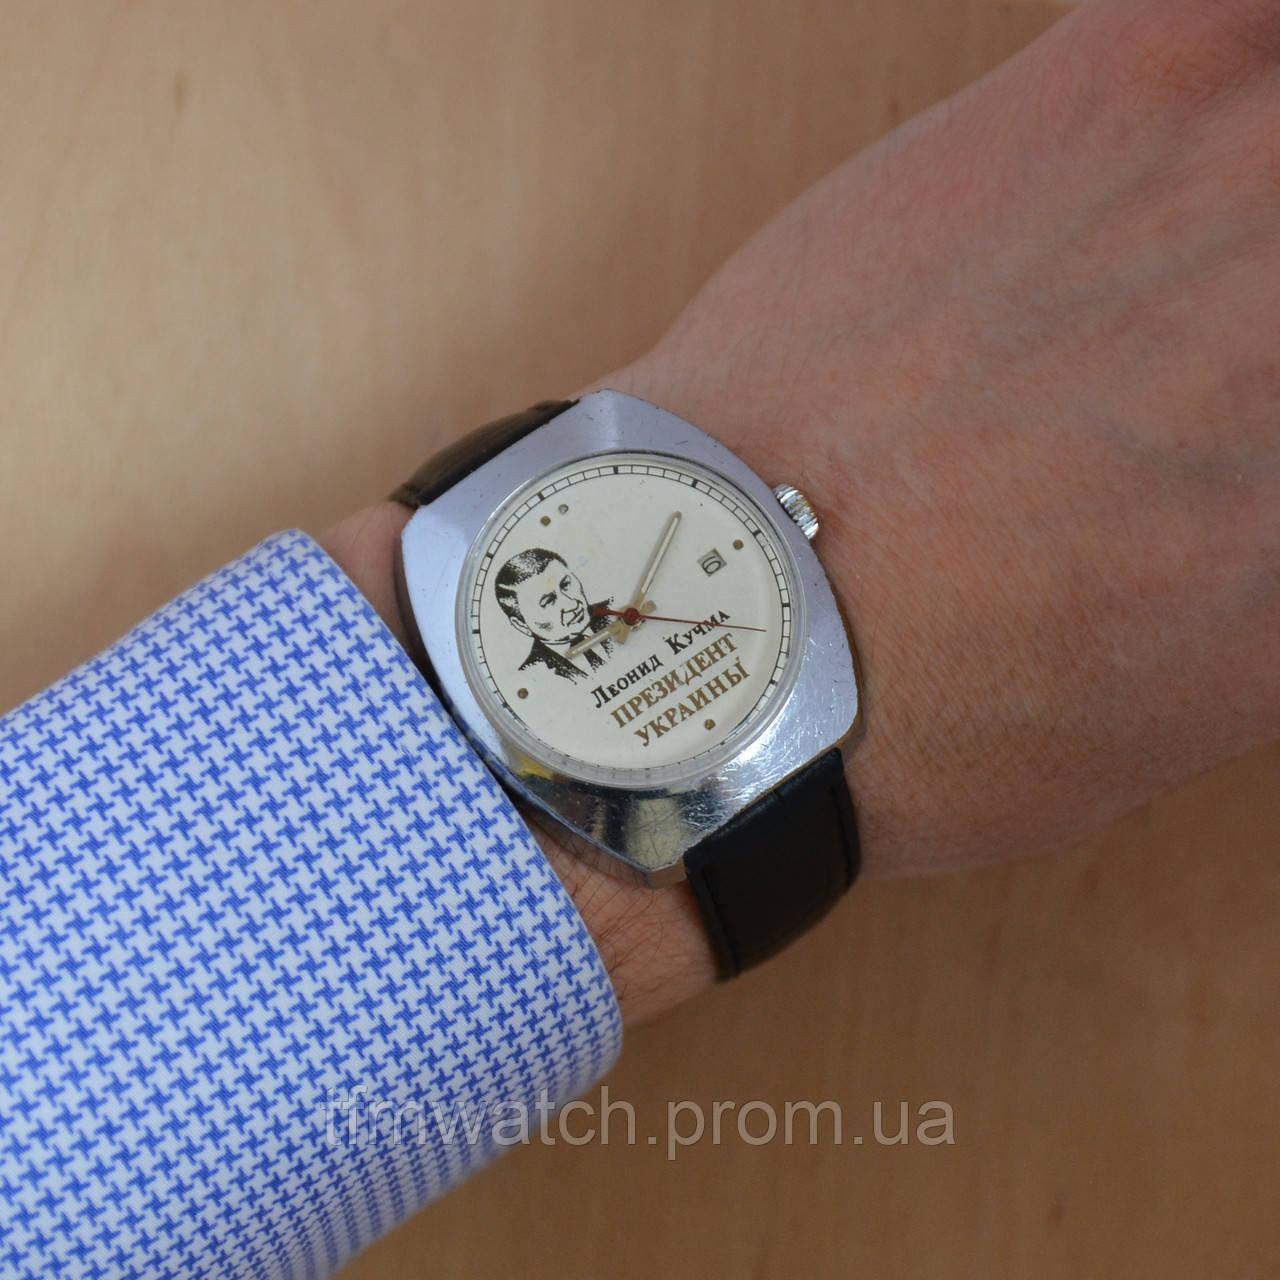 8c42739e Механические часы Слава Леонид Кучма Президент: продажа, цена в ...